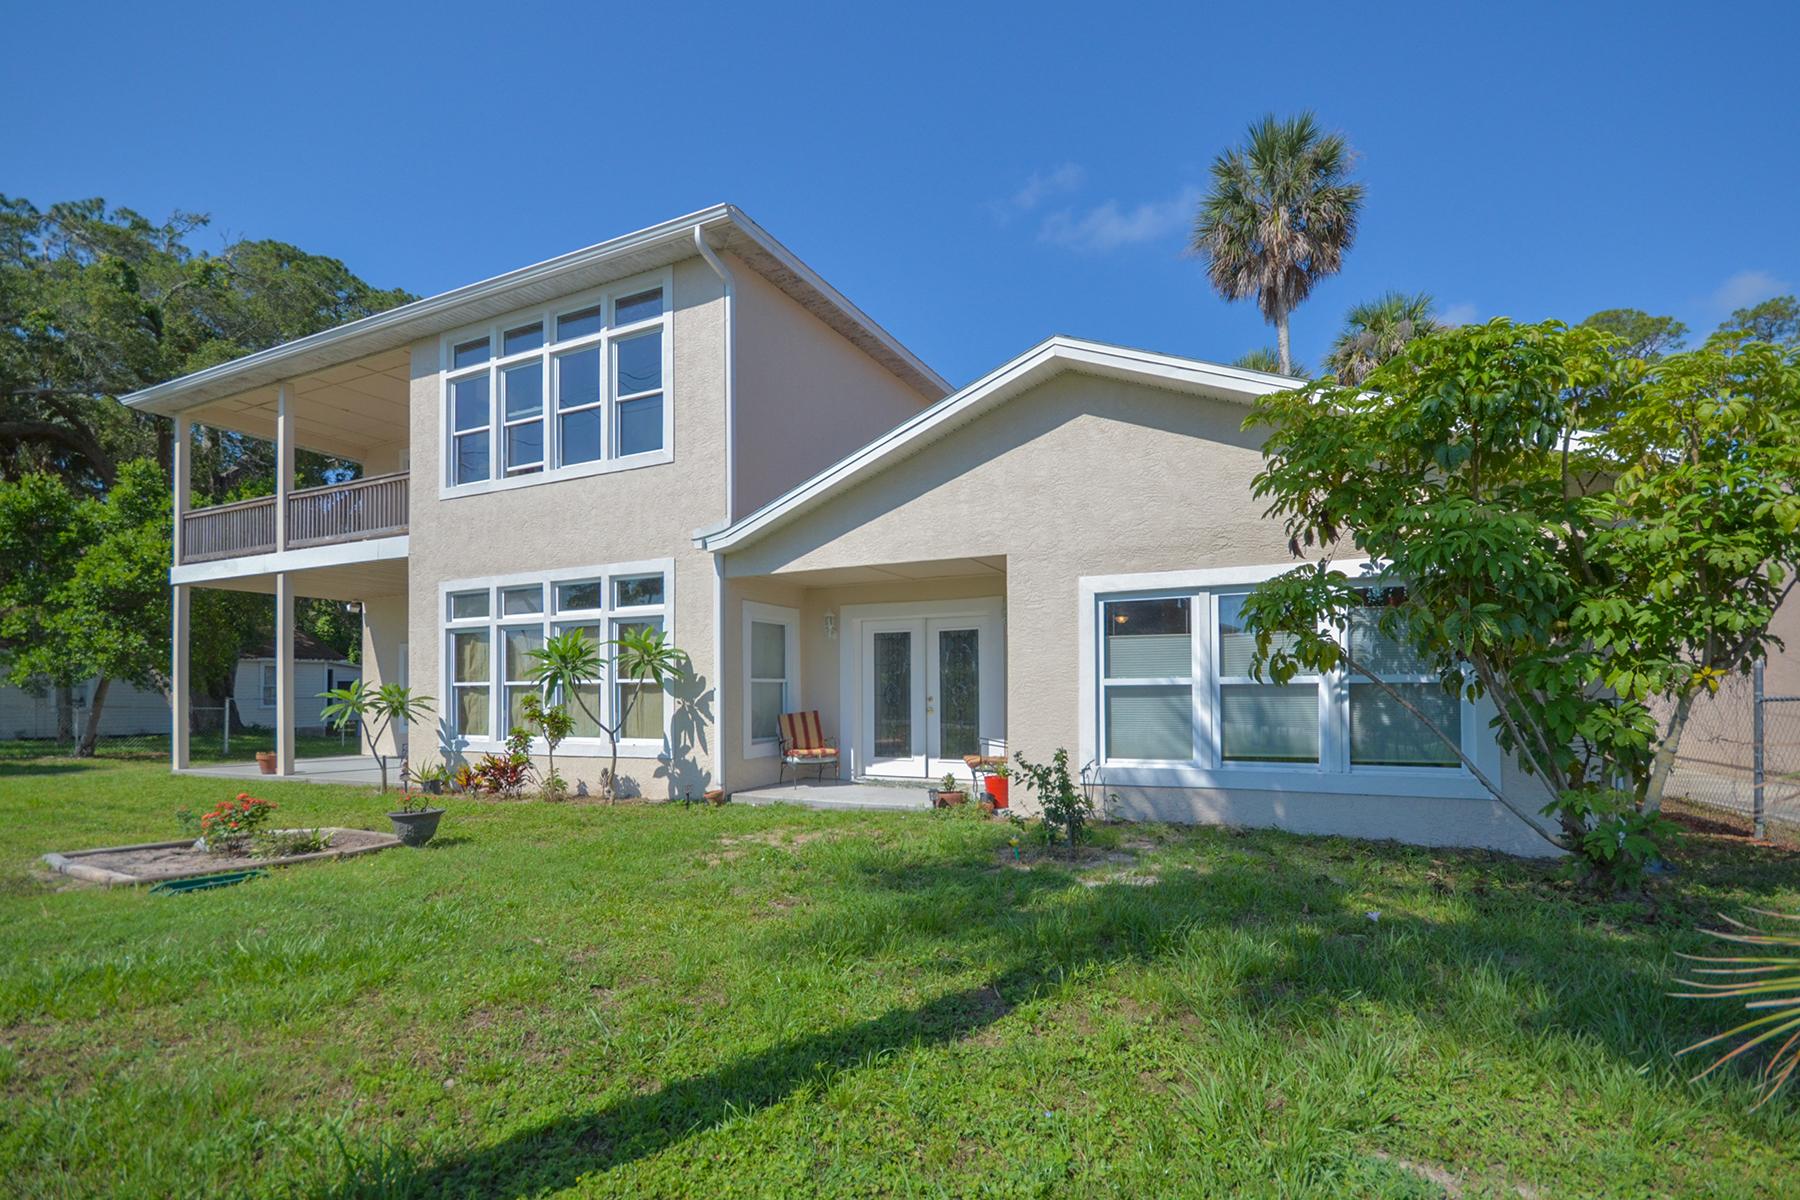 Einfamilienhaus für Verkauf beim LAKE MARY - HOLLY HILL 1618 Riverside Dr Holly Hill, Florida, 32117 Vereinigte Staaten